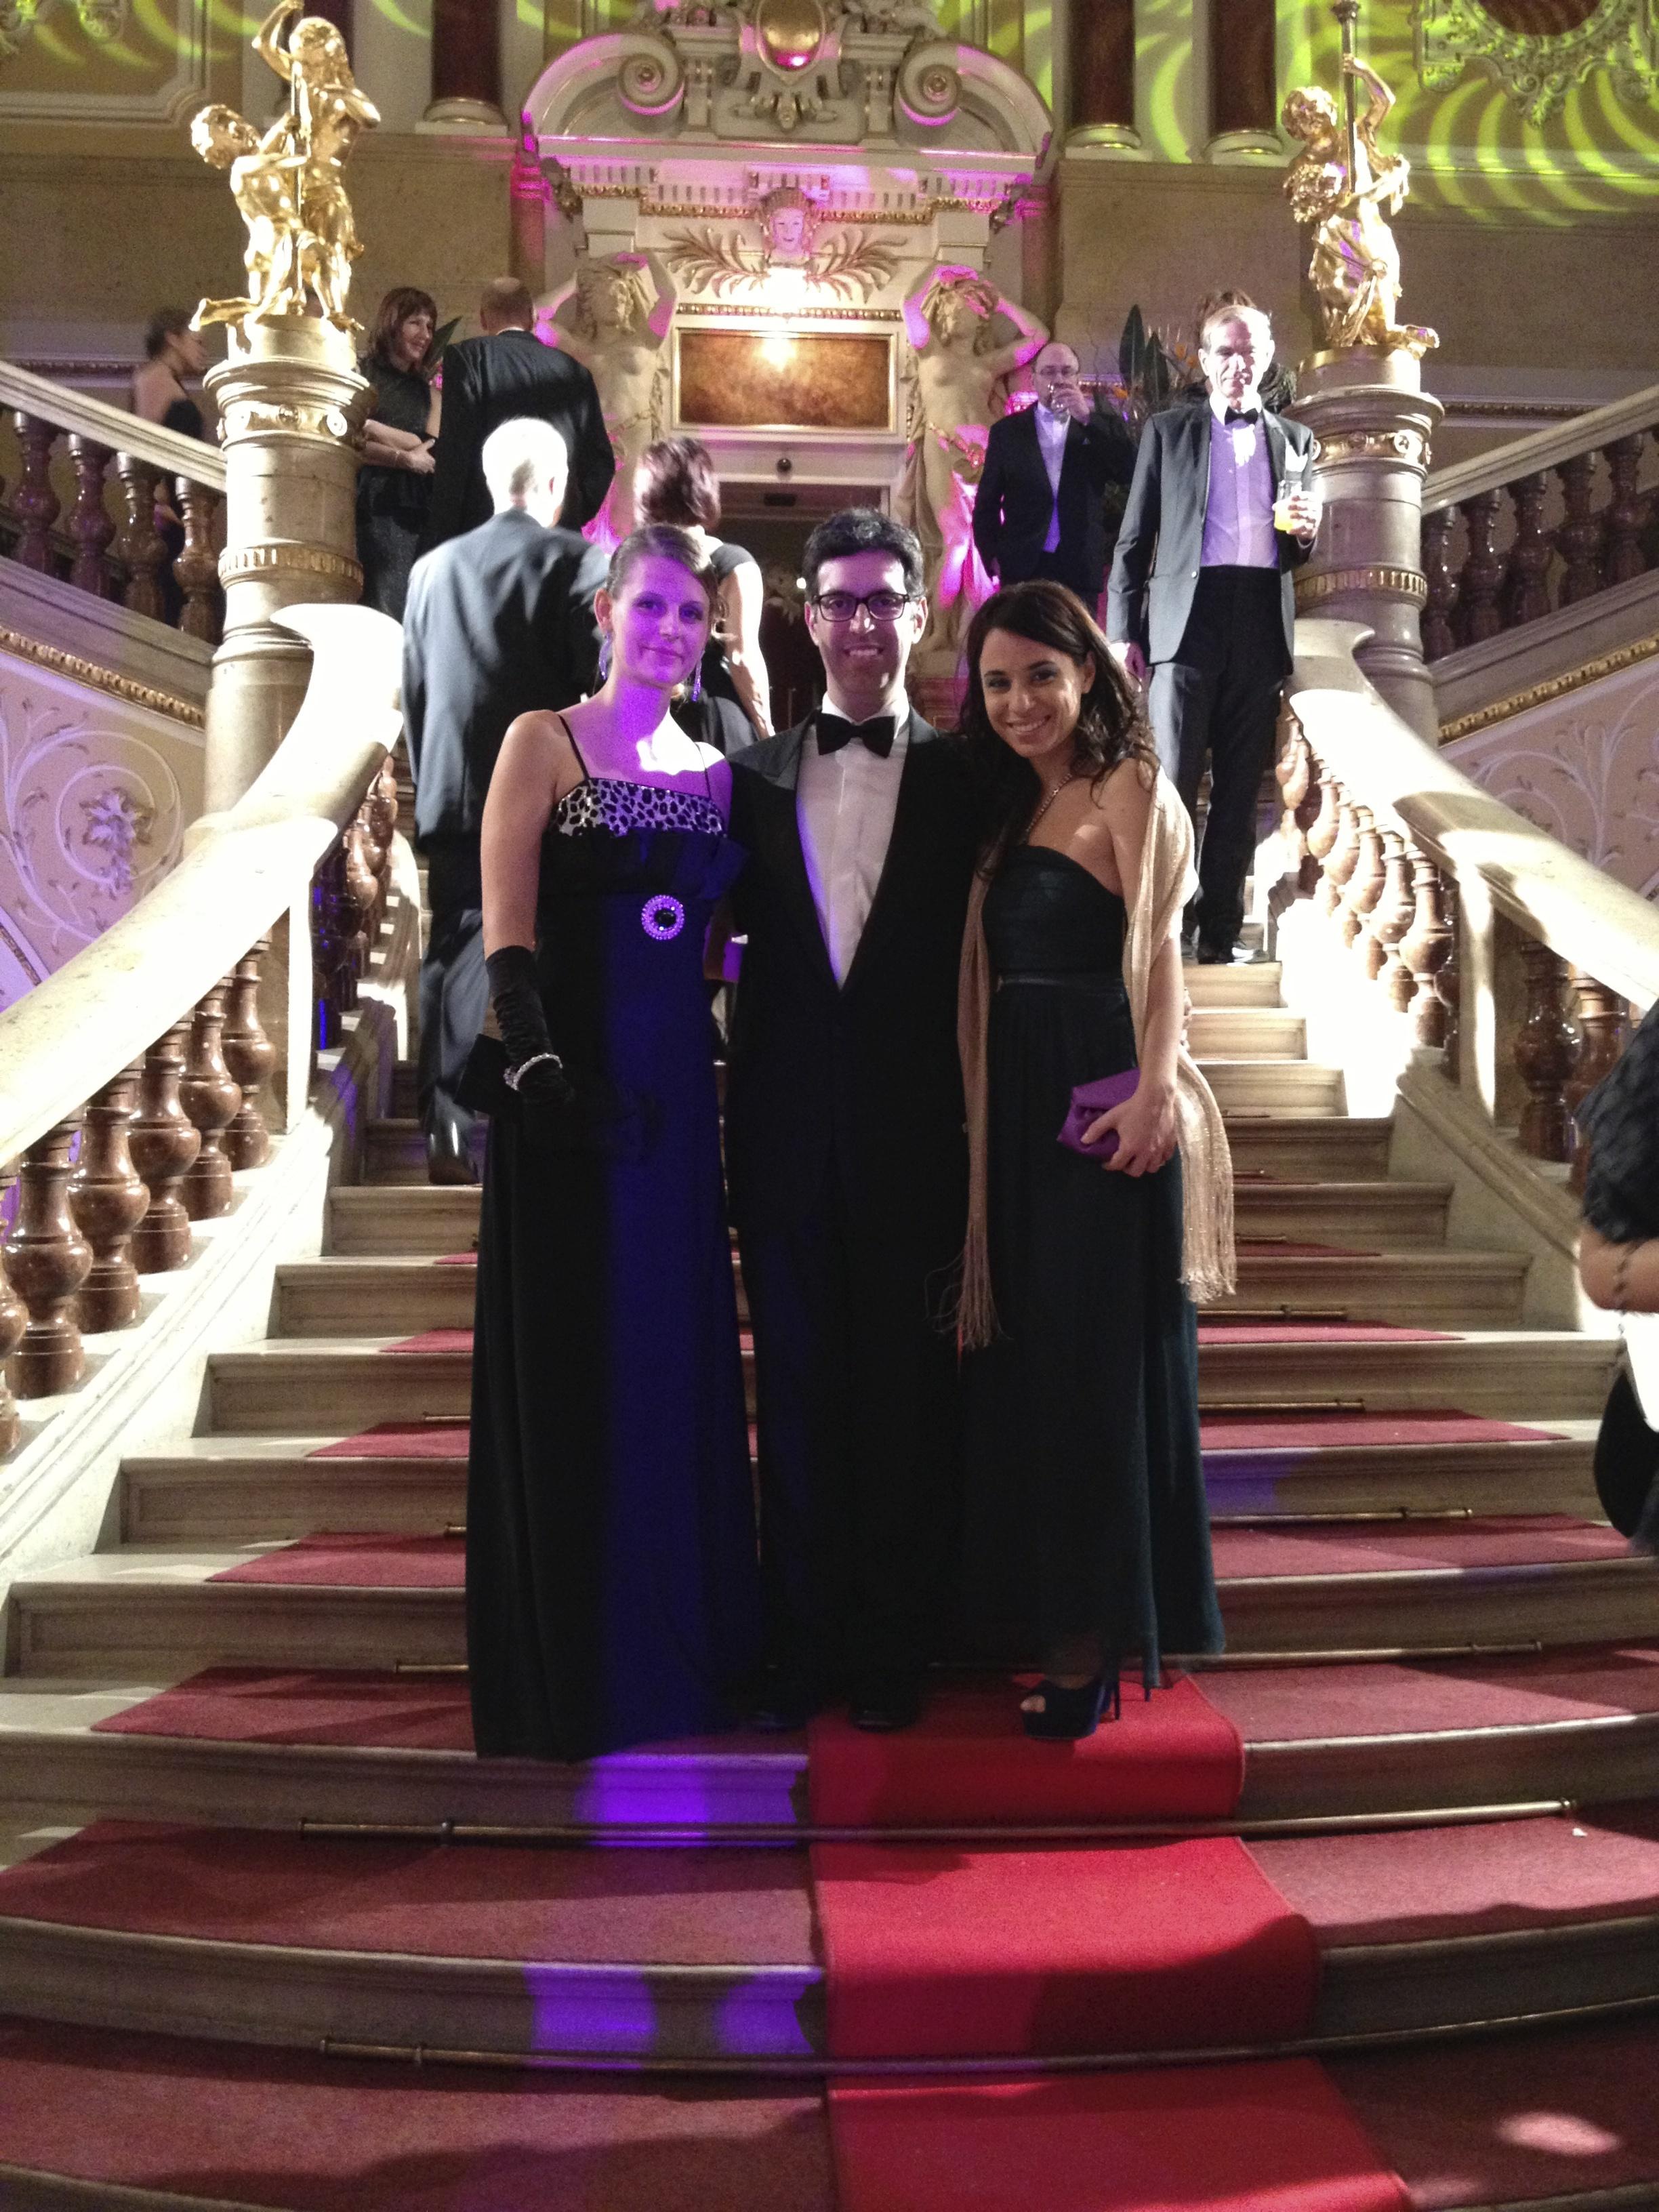 Teatro dell'opera di Brno